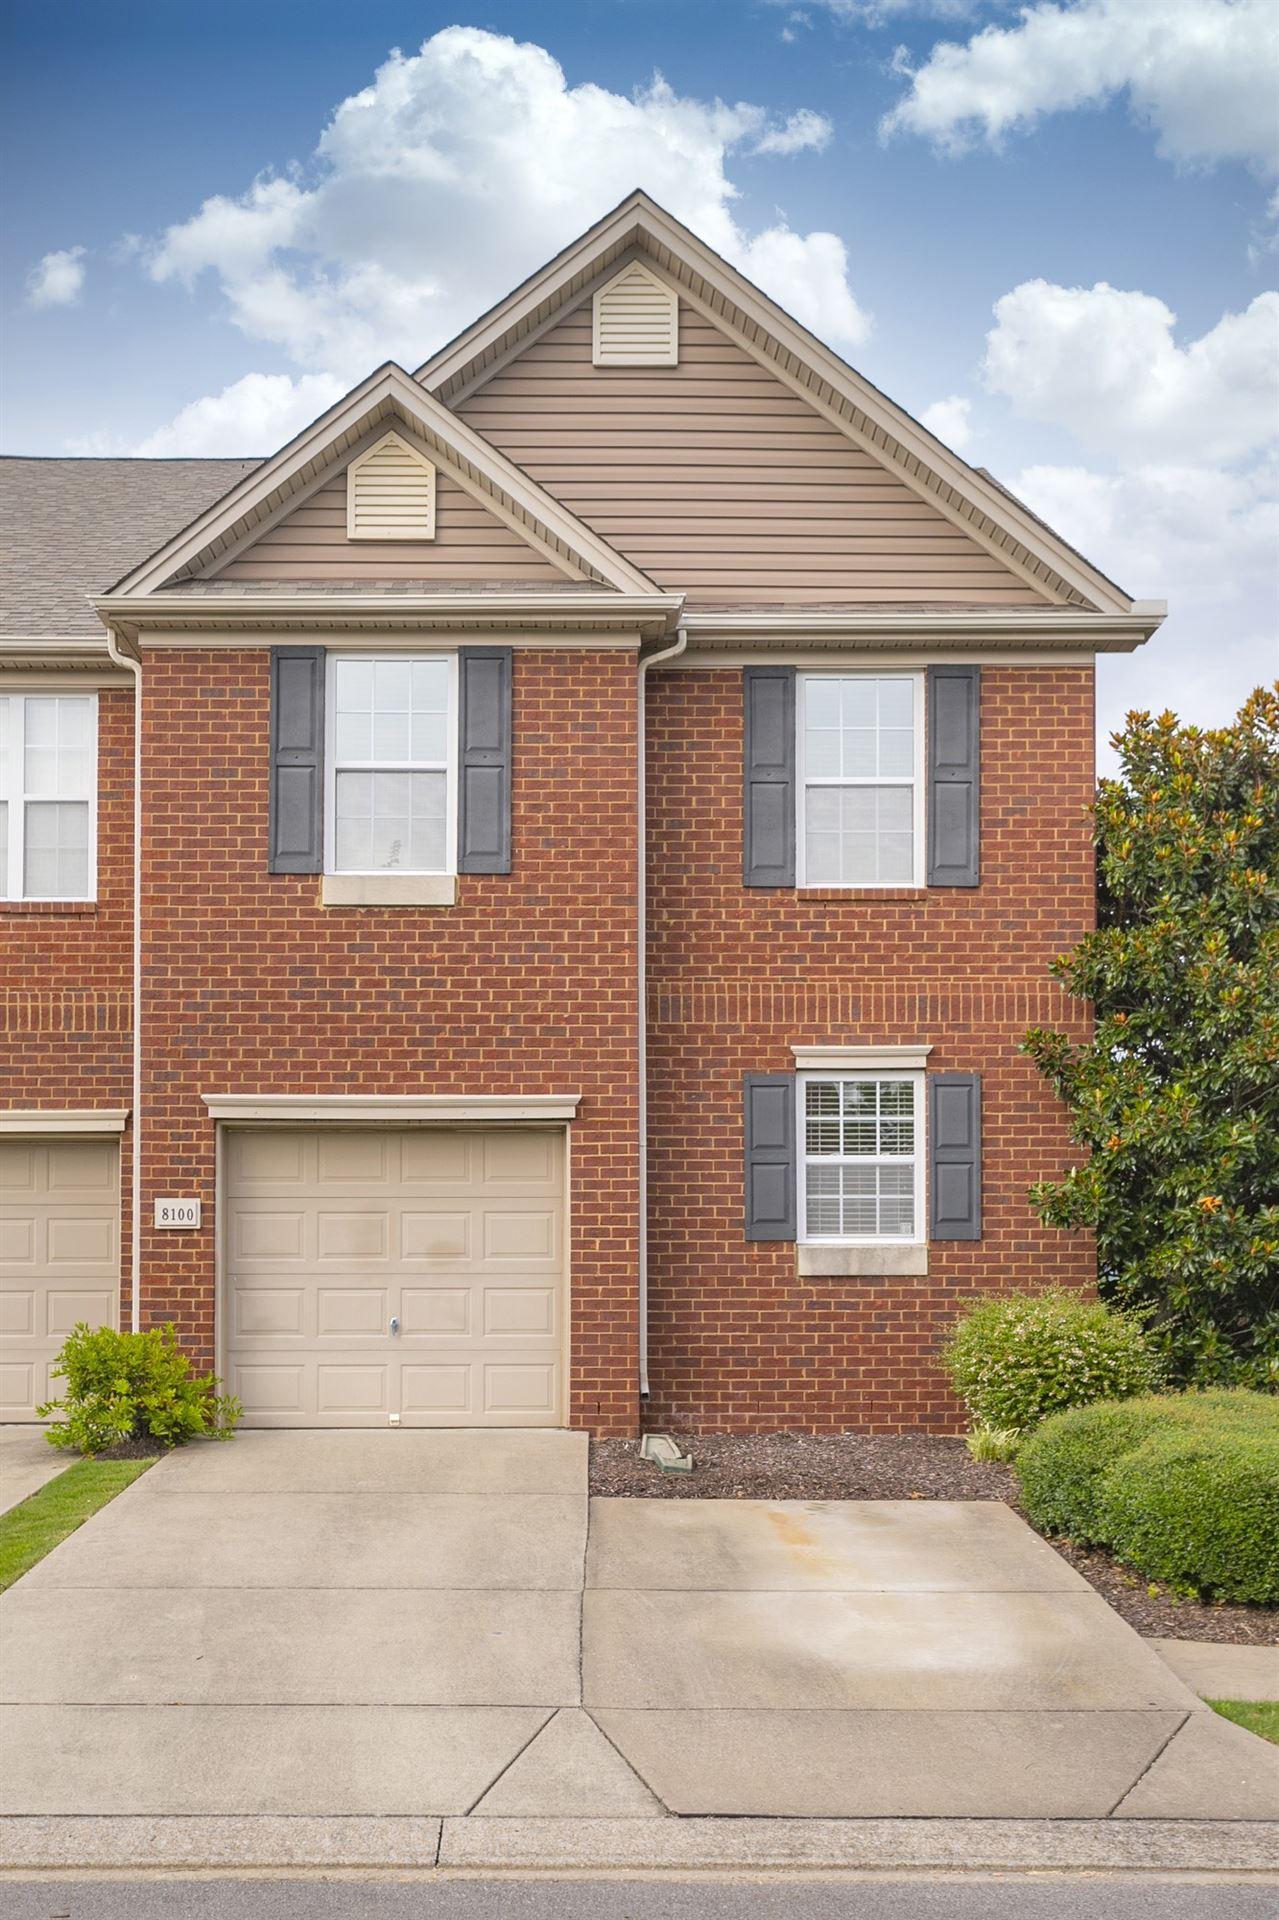 8100 Valley Oak Dr, Brentwood, TN 37027 - MLS#: 2179360